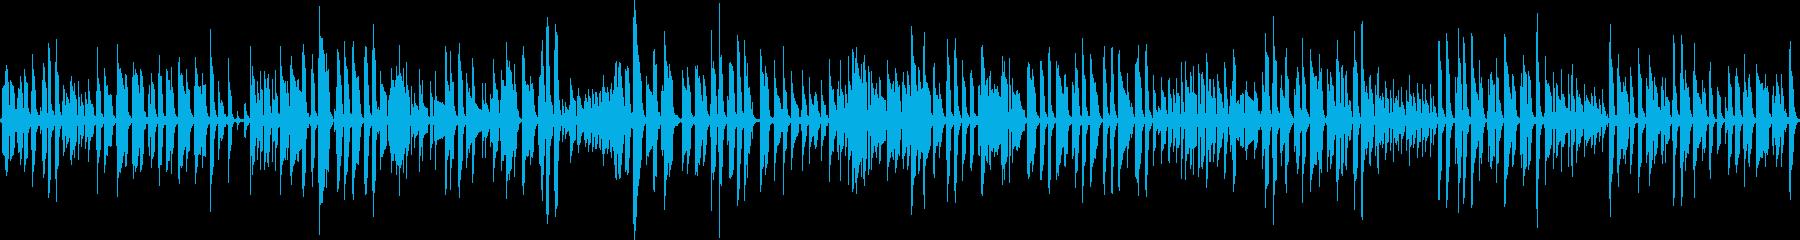 サラサラ ジャズ ビンテージ 木製ギターの再生済みの波形